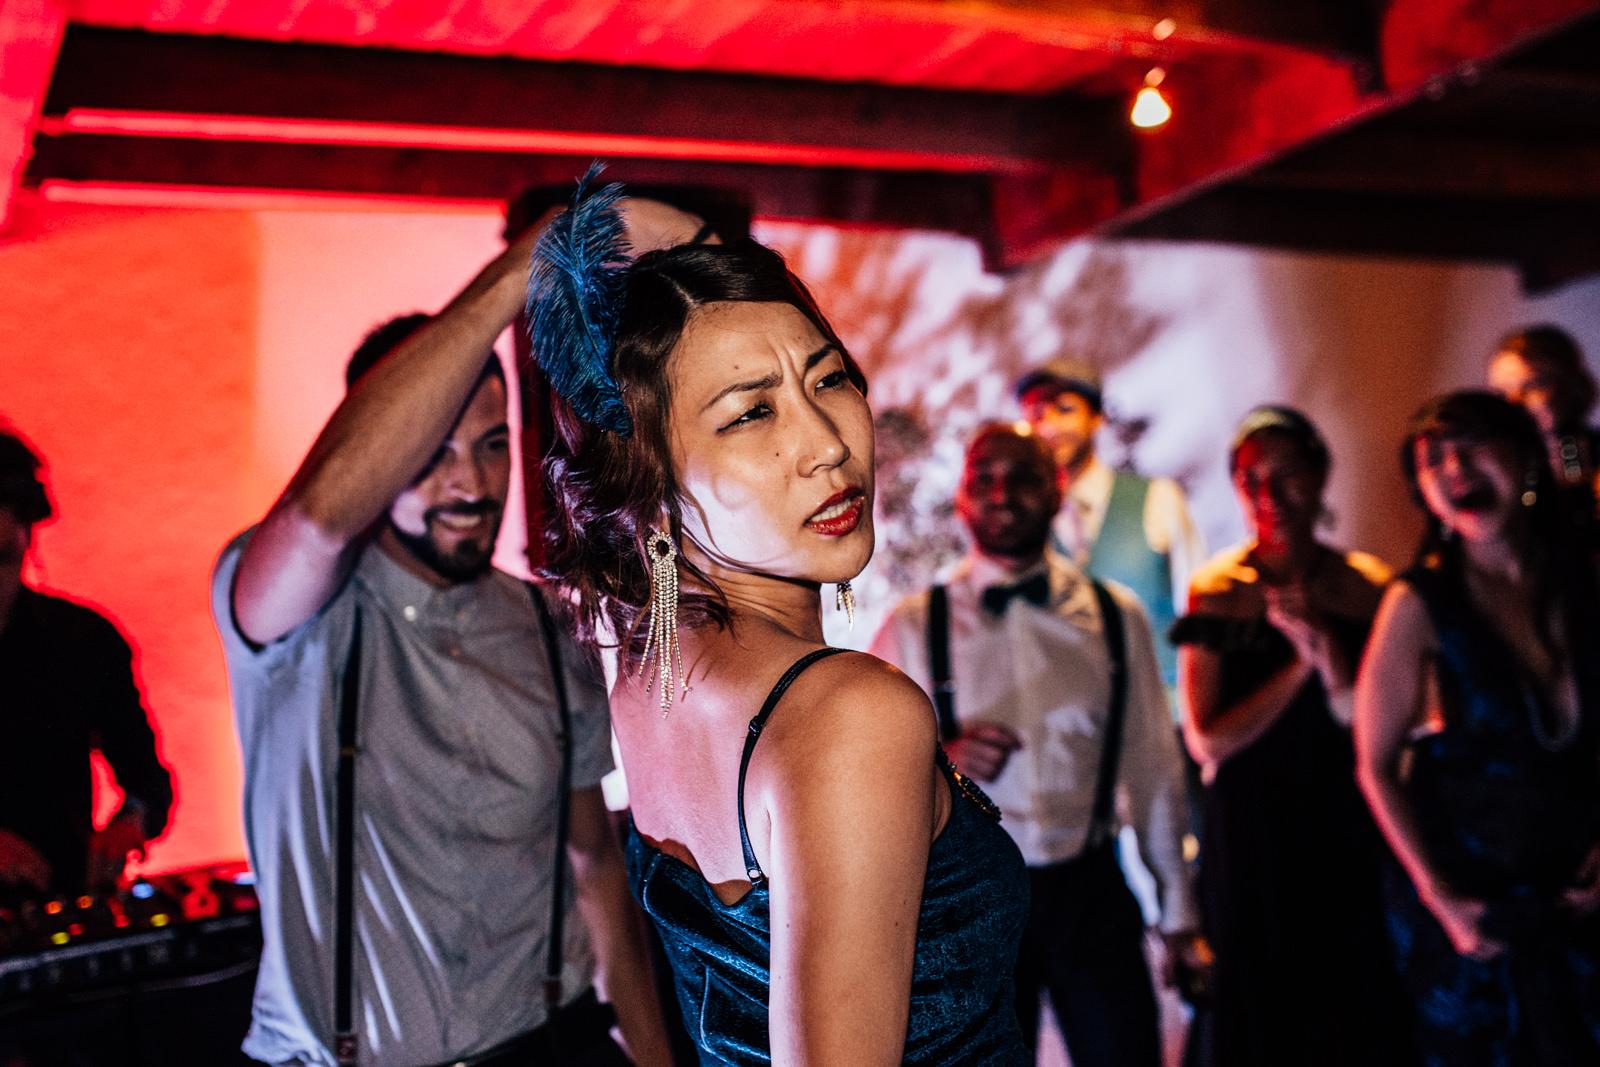 thenortherngirlphotography_photography_thenortherngirl_rebeccascabros_wedding_weddingphotography_weddingphotographer_barcelona_bodaenlabaronia_labaronia_japanesewedding_destinationwedding_shokoalbert-1047.jpg